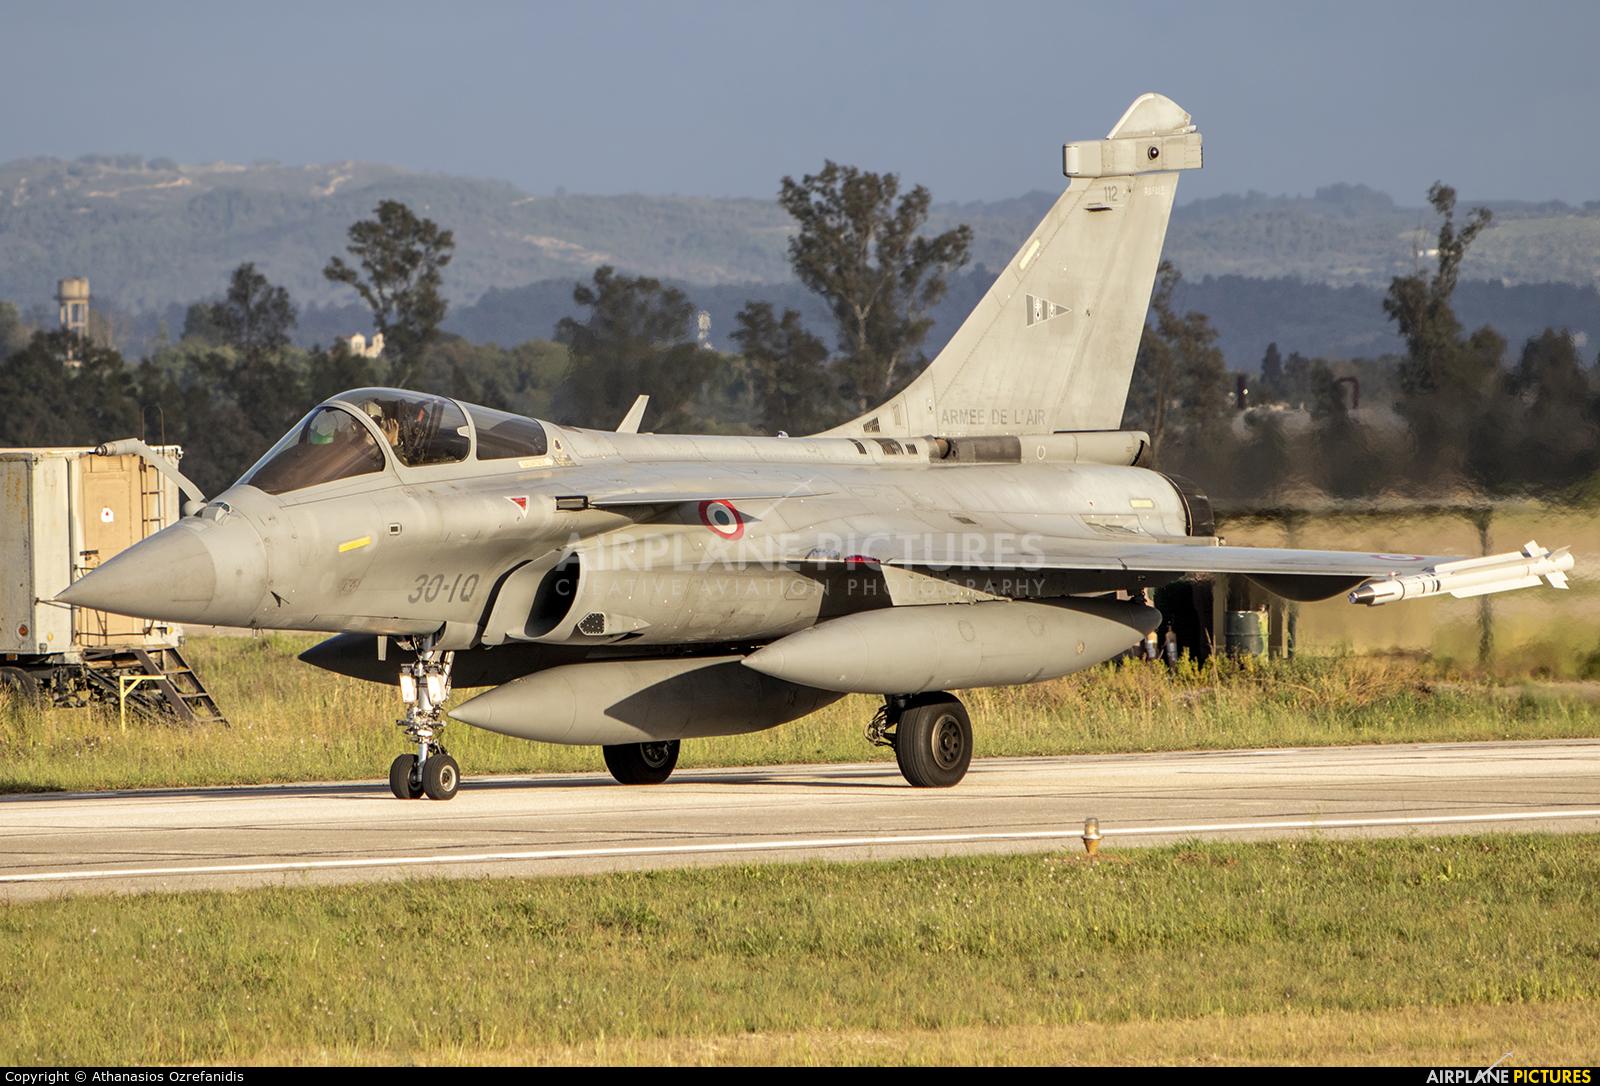 France - Air Force 112 aircraft at Andravida AB